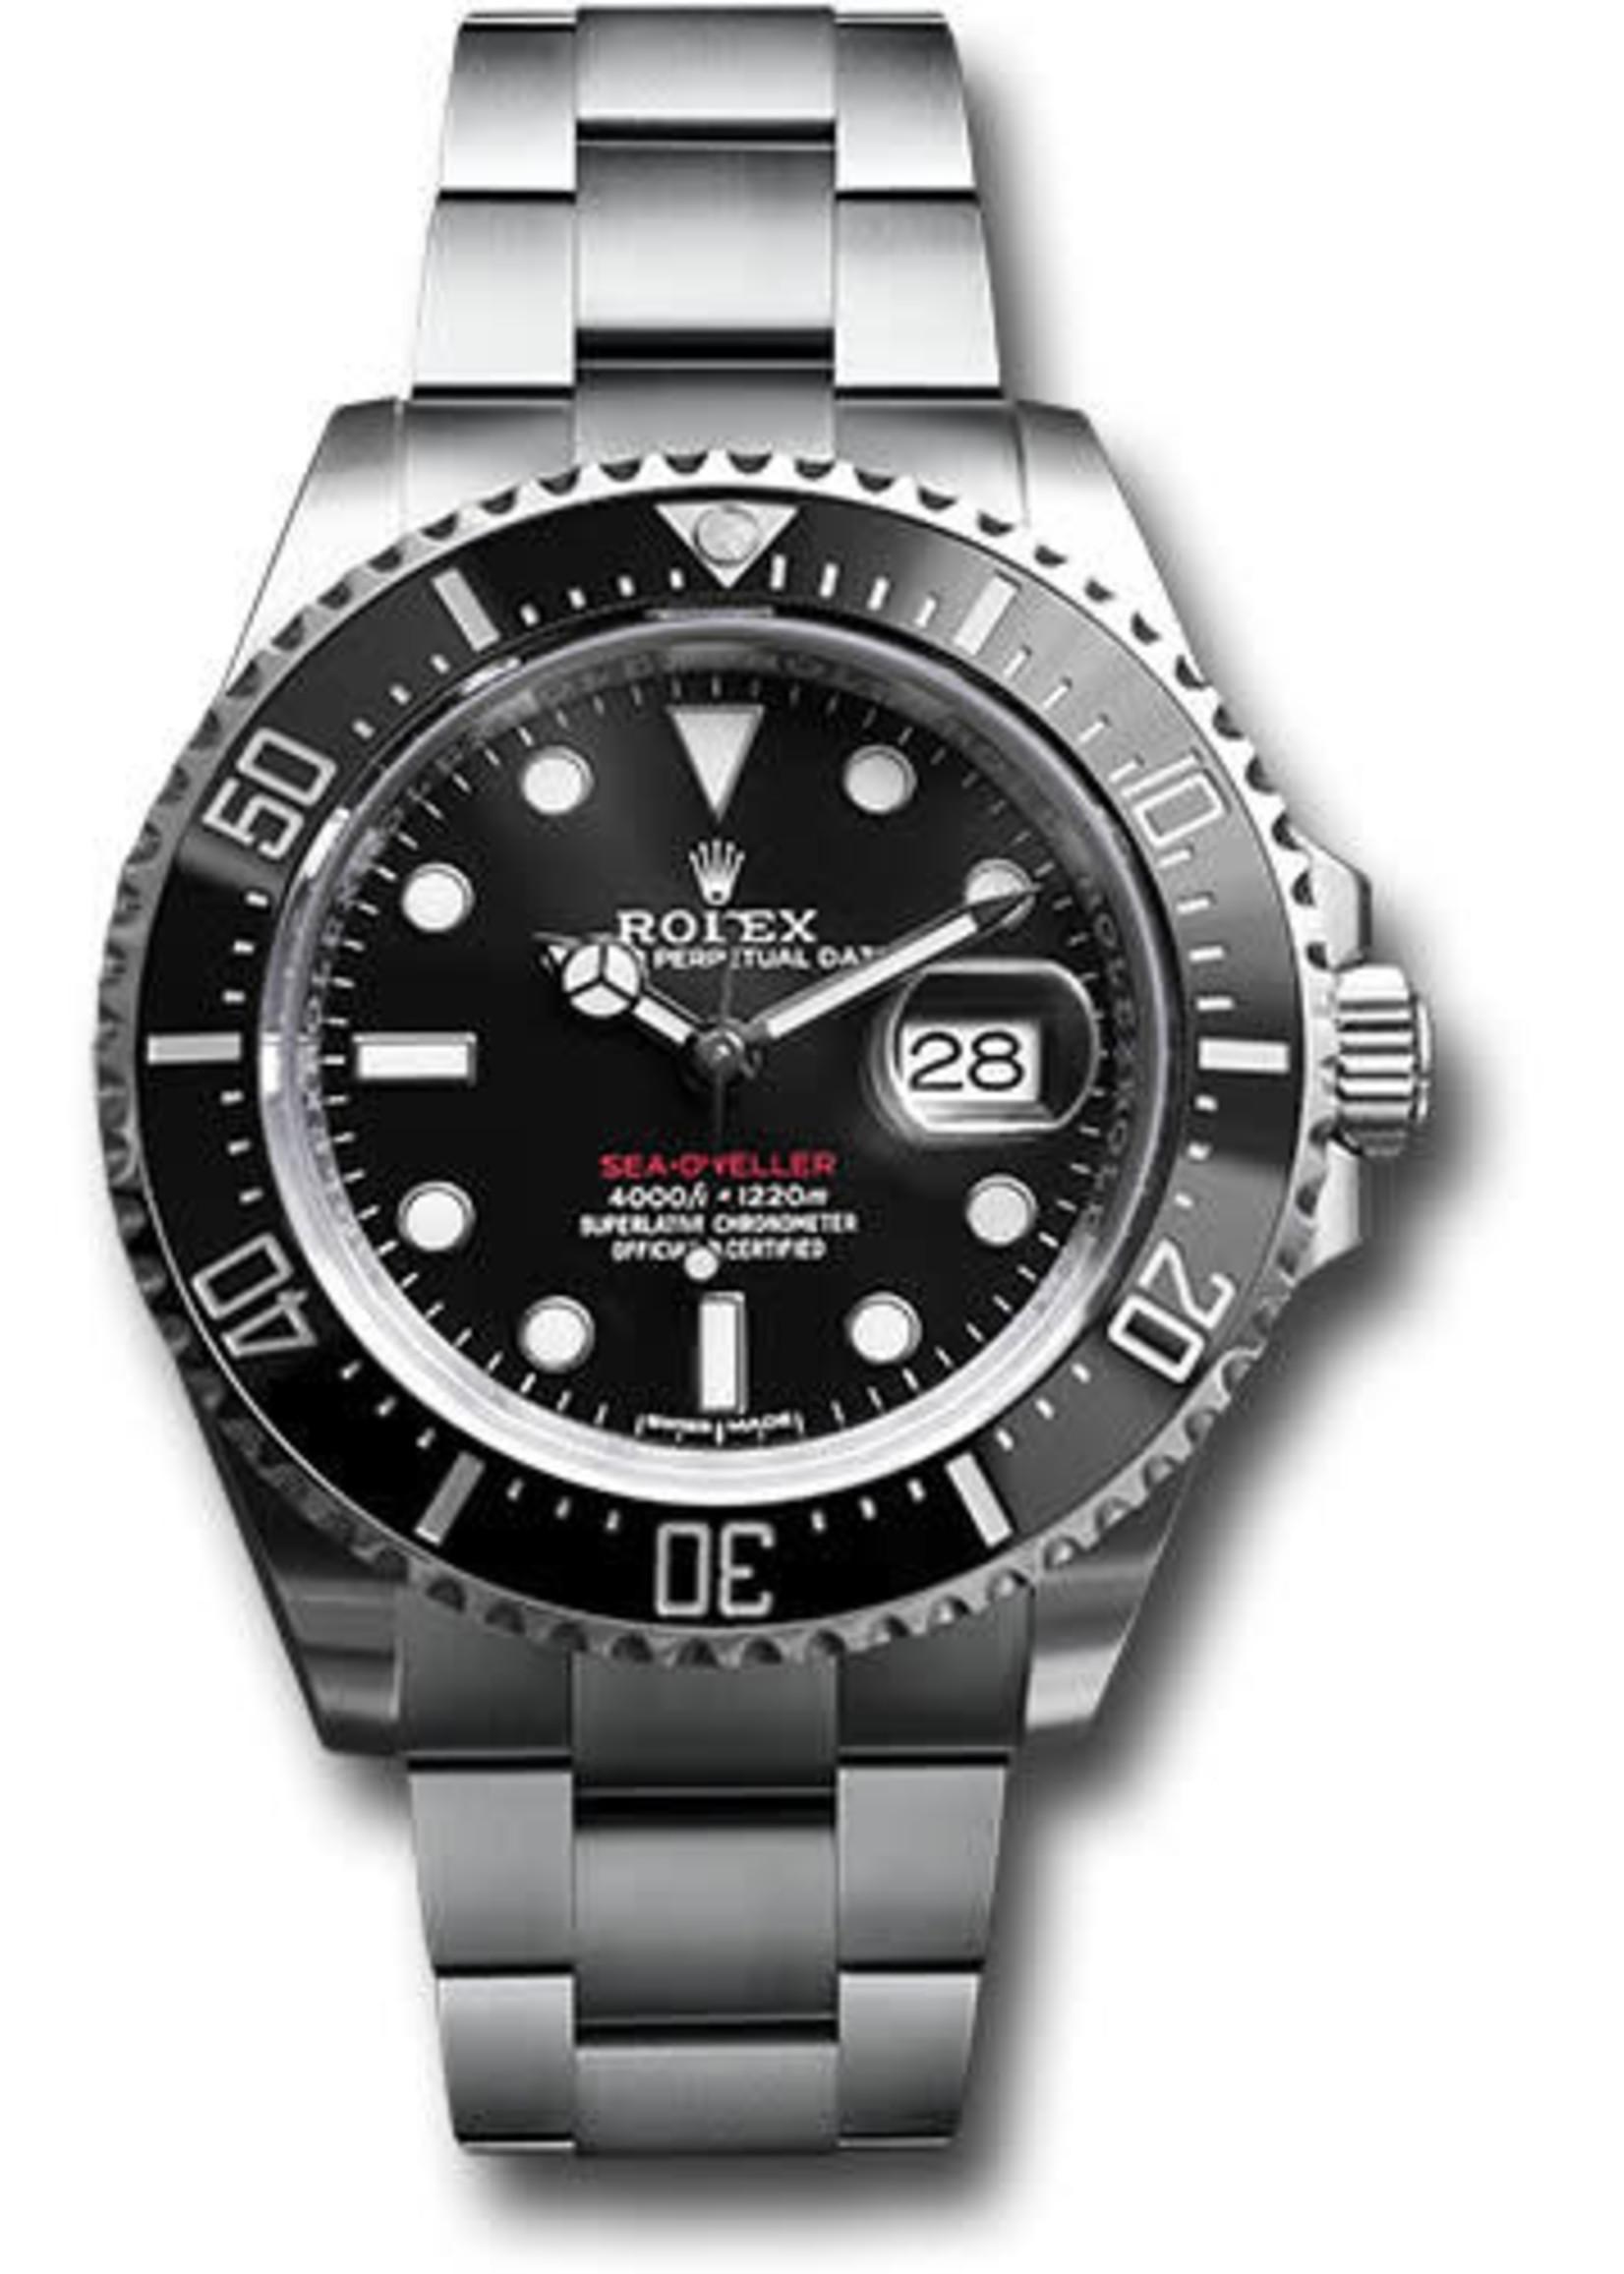 Rolex Watches ROLEX SEA-DWELLER 43MM (2018 B + P) #126600